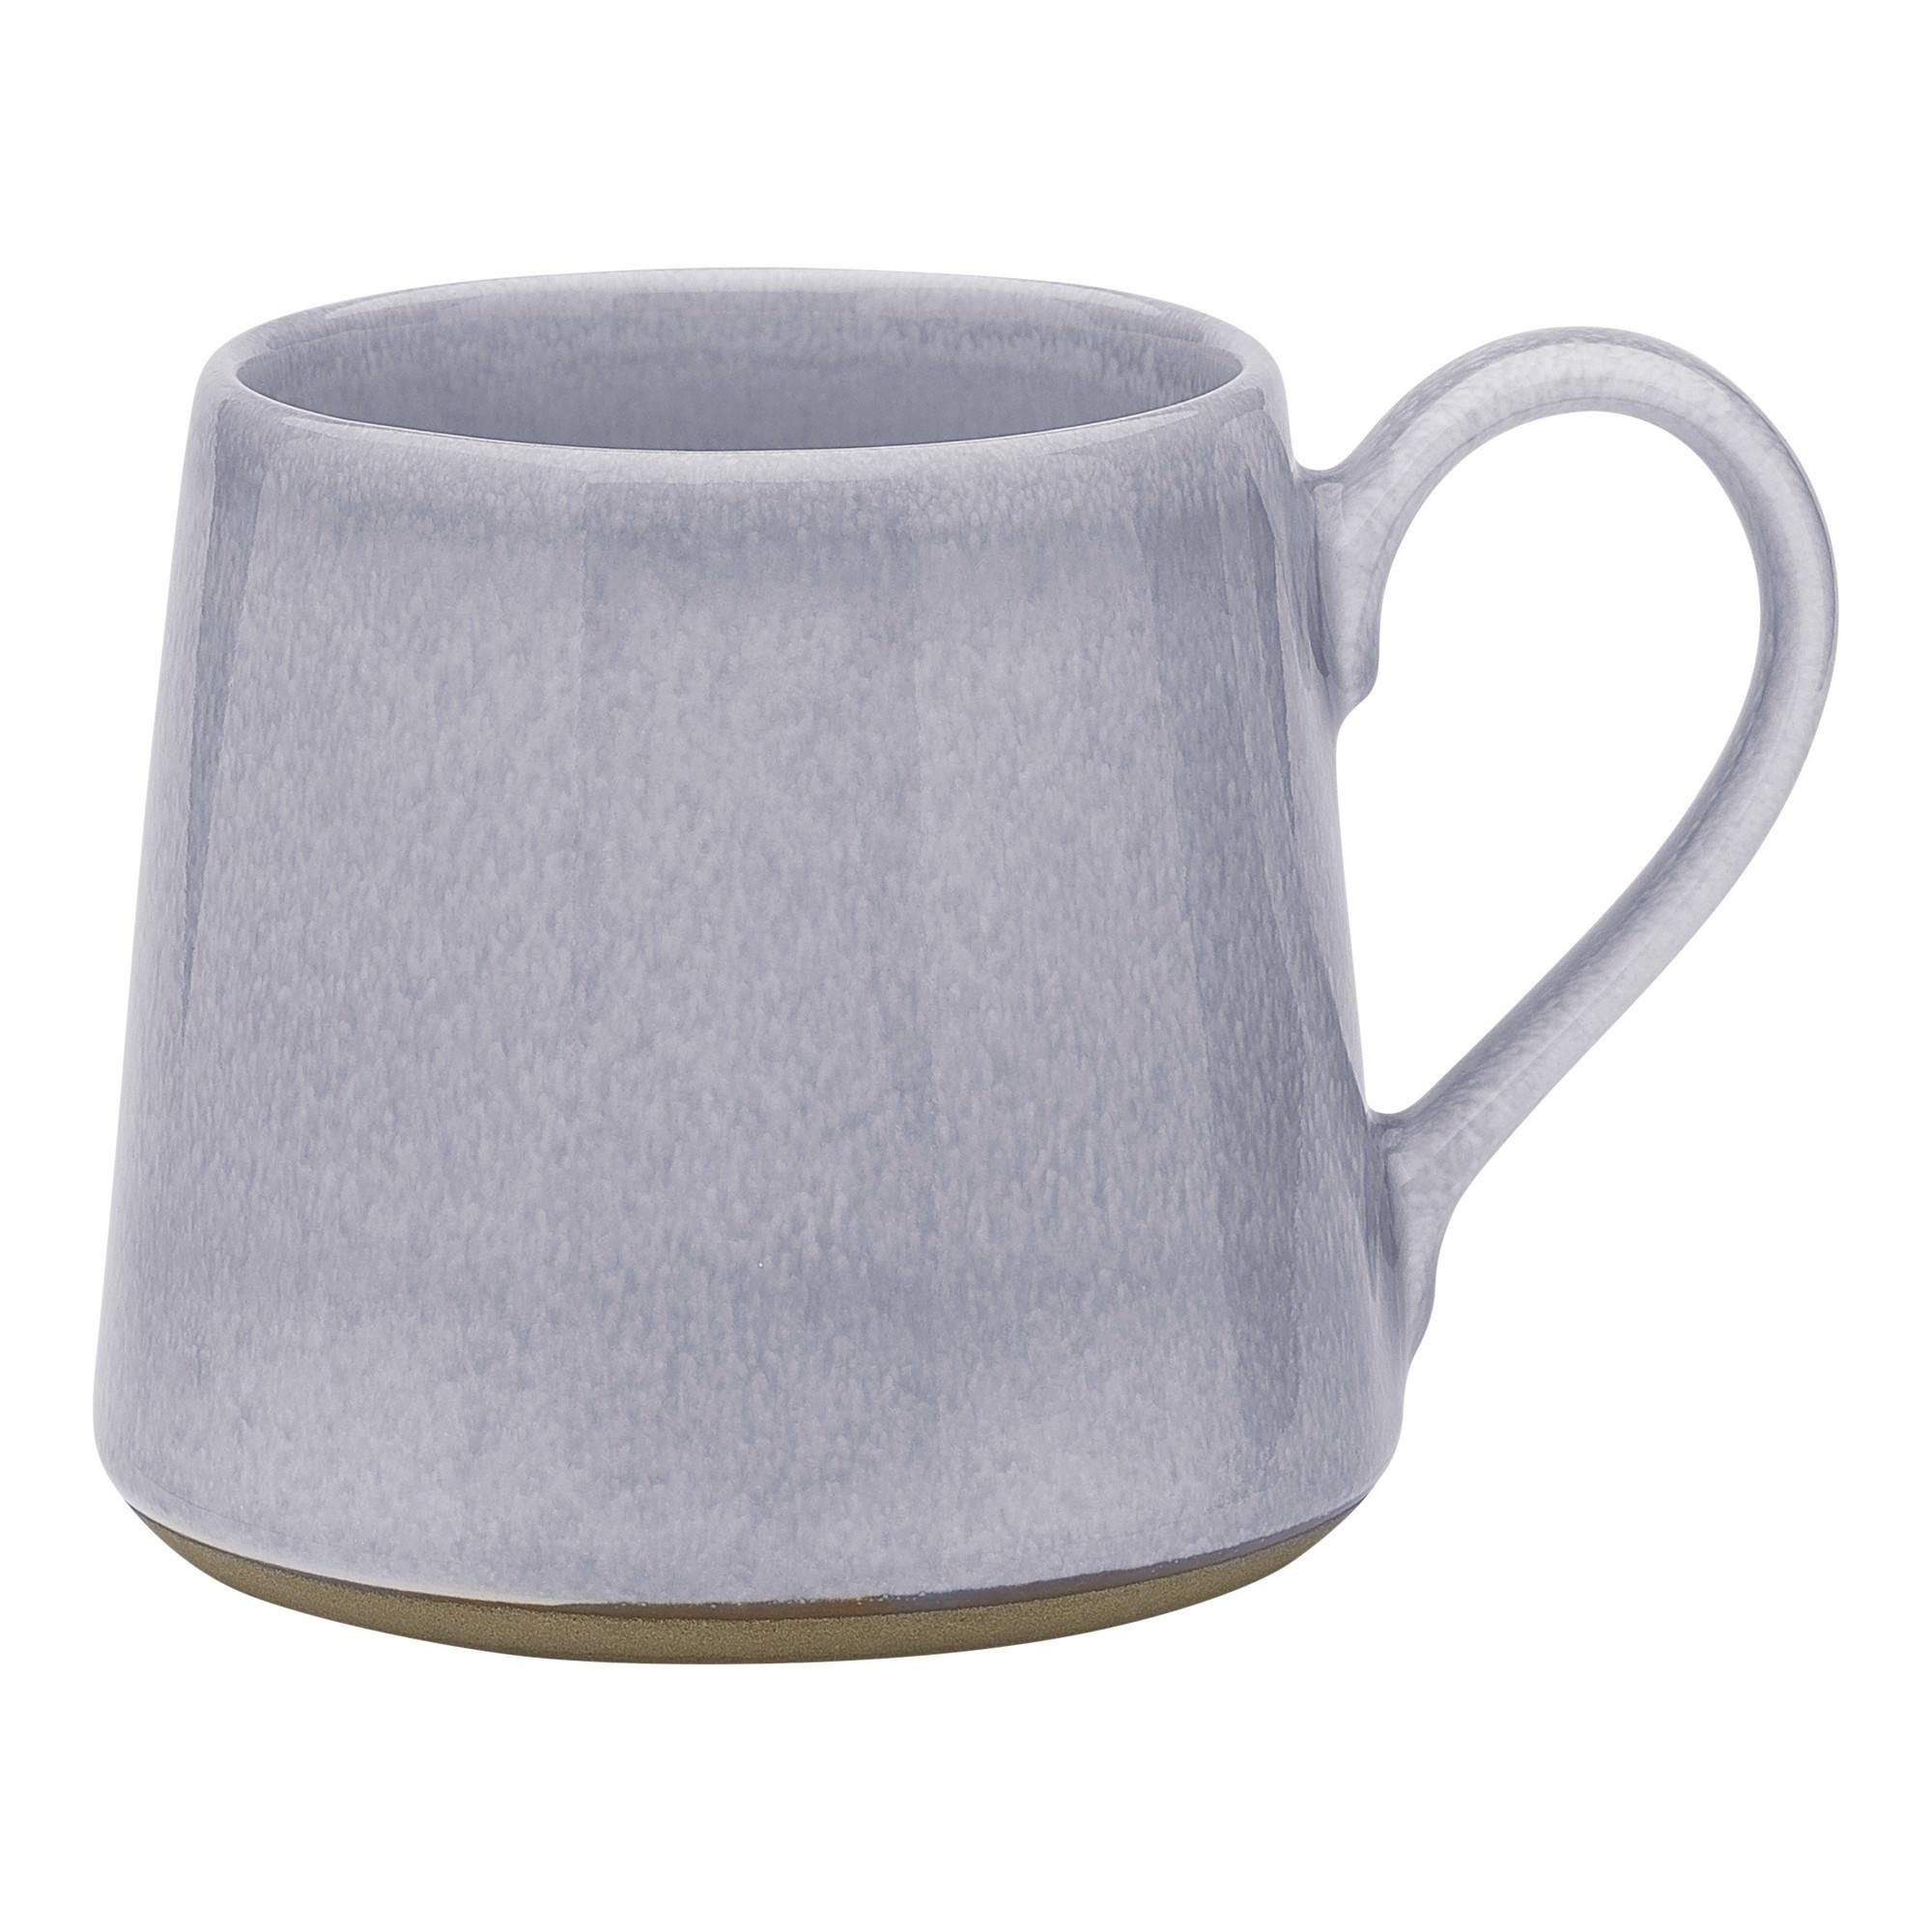 Ecology Juna Stoneware Mug, Dewberry